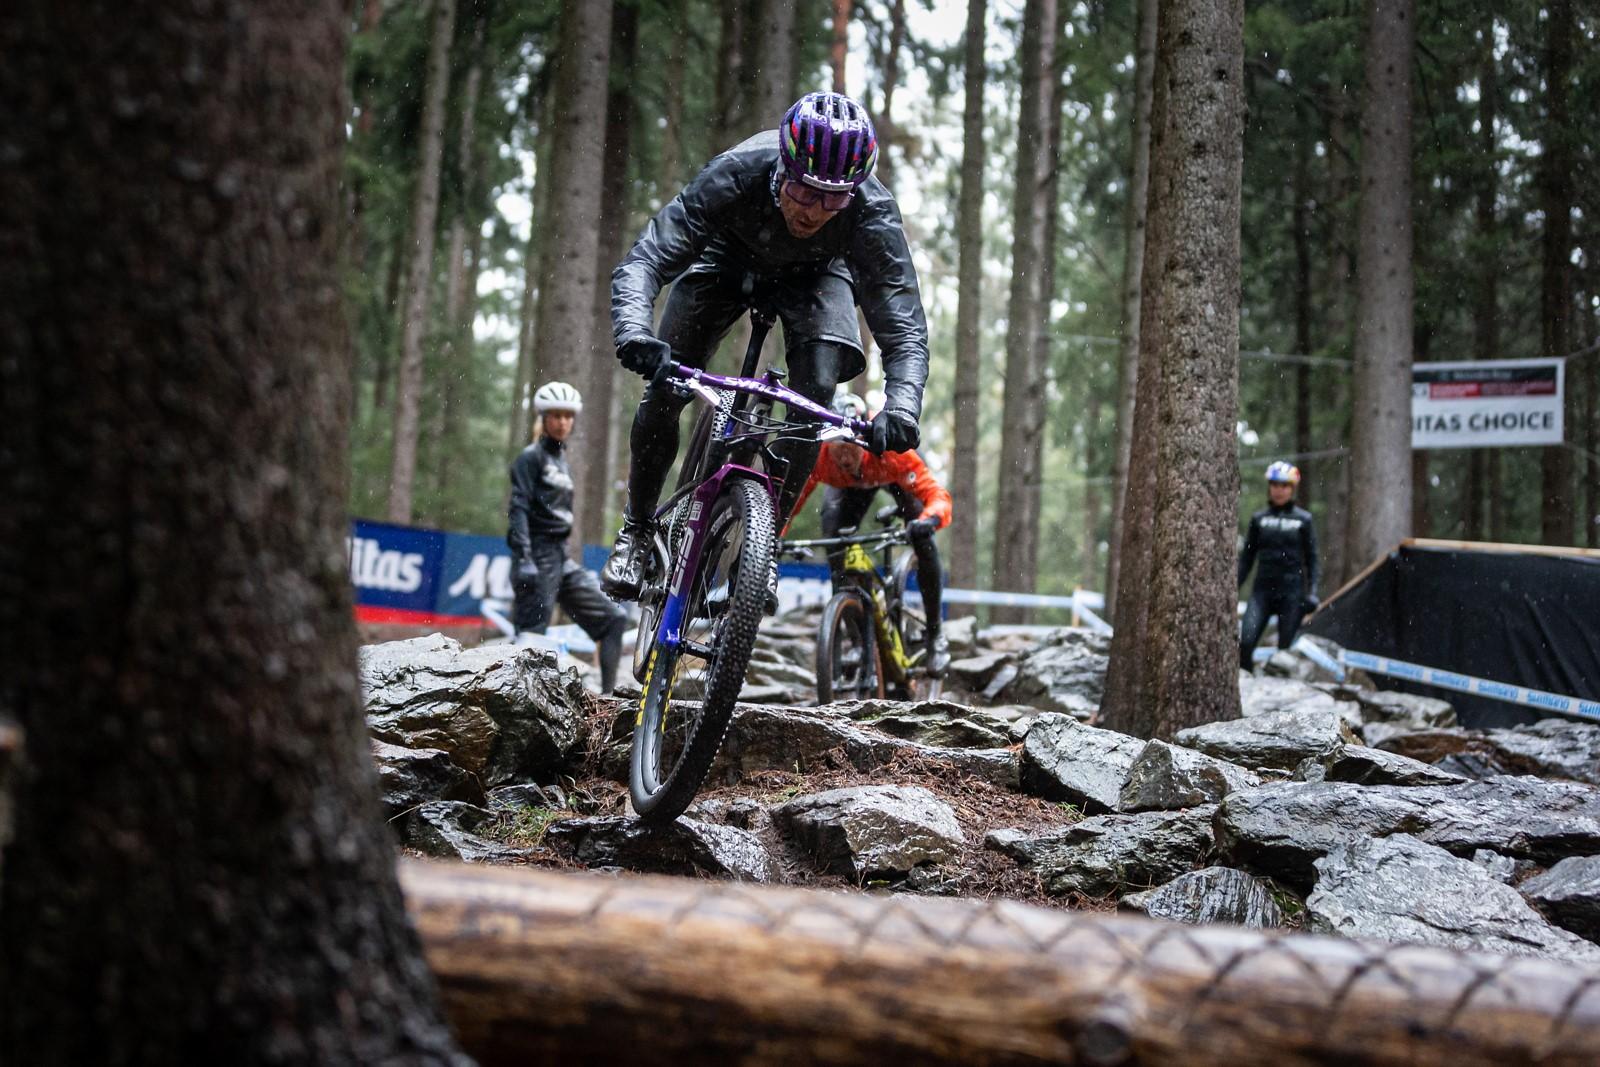 Nino Schurter, švýcarský fenomén, při tréninku na okruhu v Novém Městě na Moravě. Foto: Michal Červený